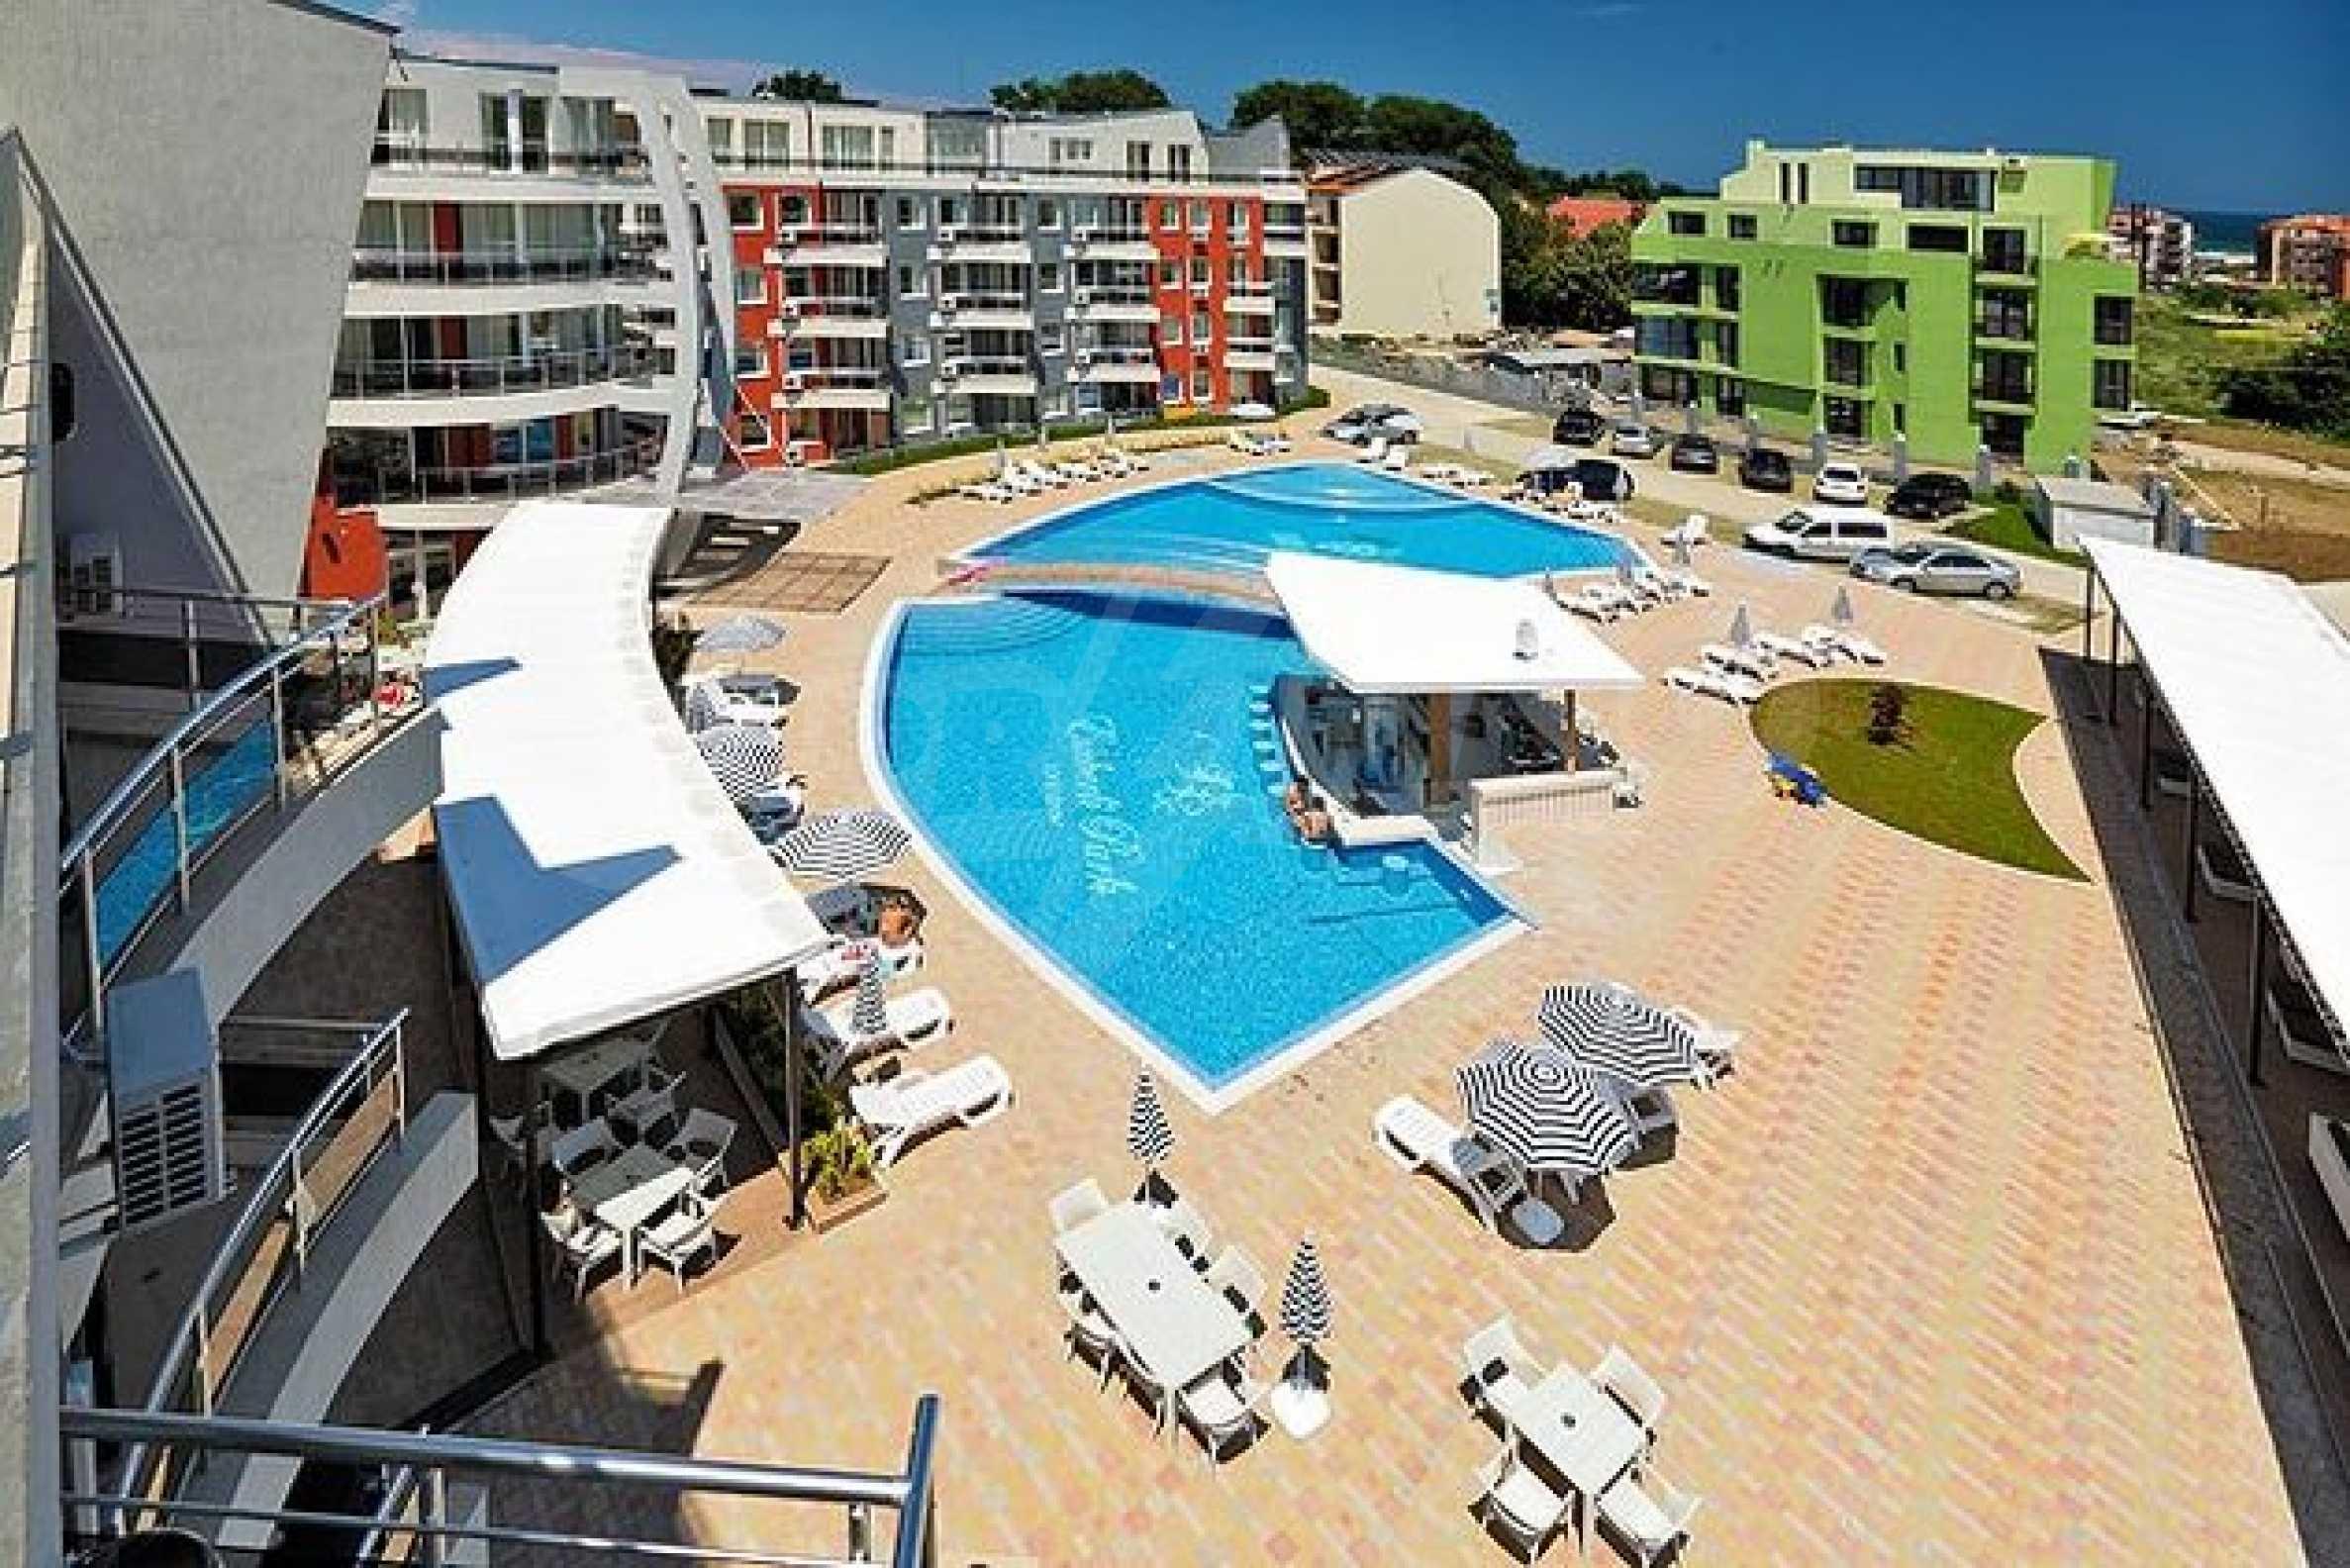 Einrichtung mit Restaurant, Bar und Pool-Bar im Meer-Kurort Lozenets 20